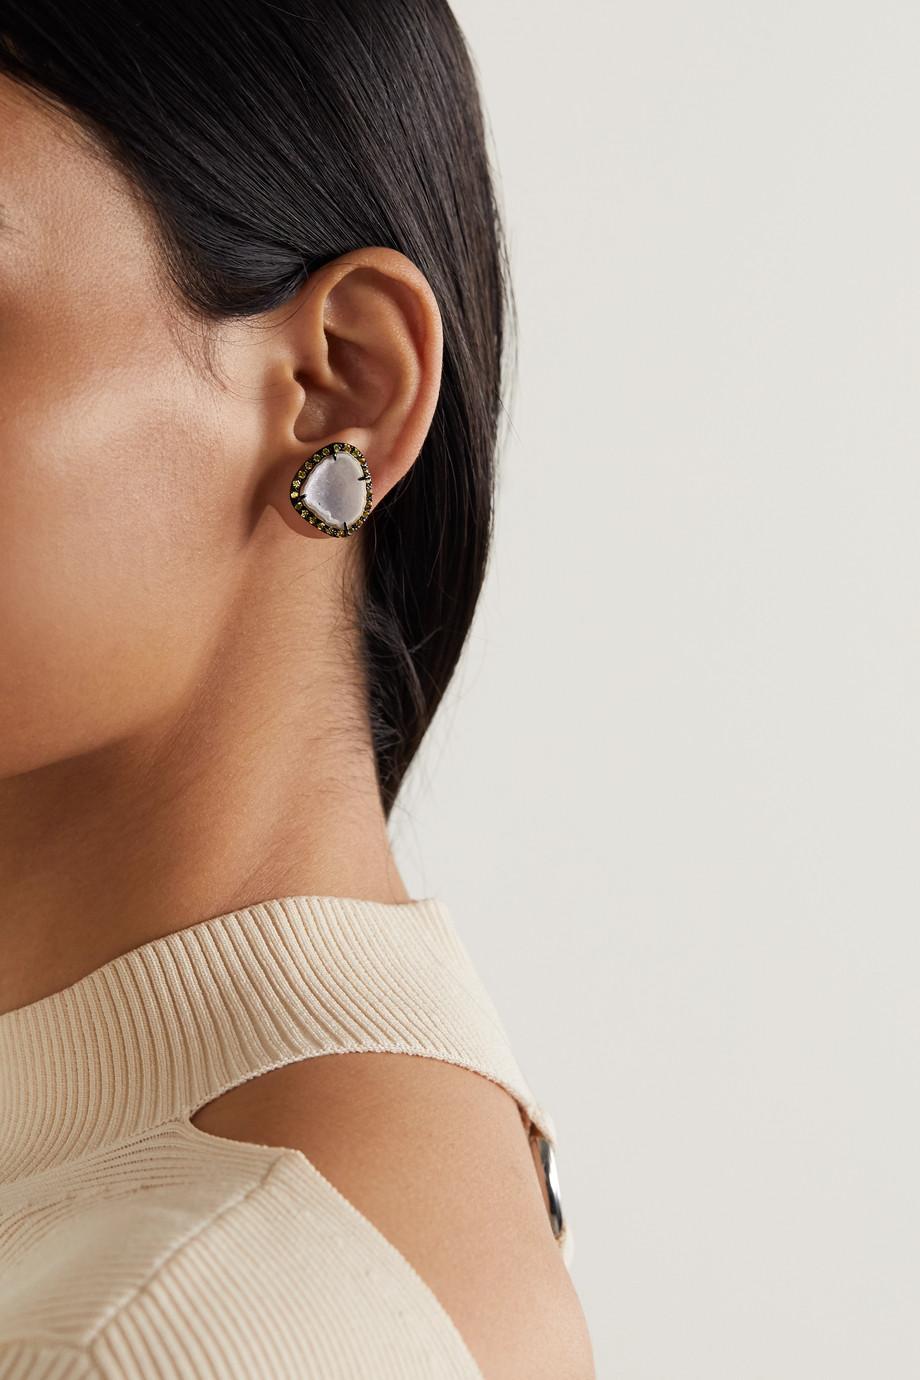 Kimberly McDonald Ohrringe aus geschwärztem 18 Karat Weißgold mit Geoden und Saphiren